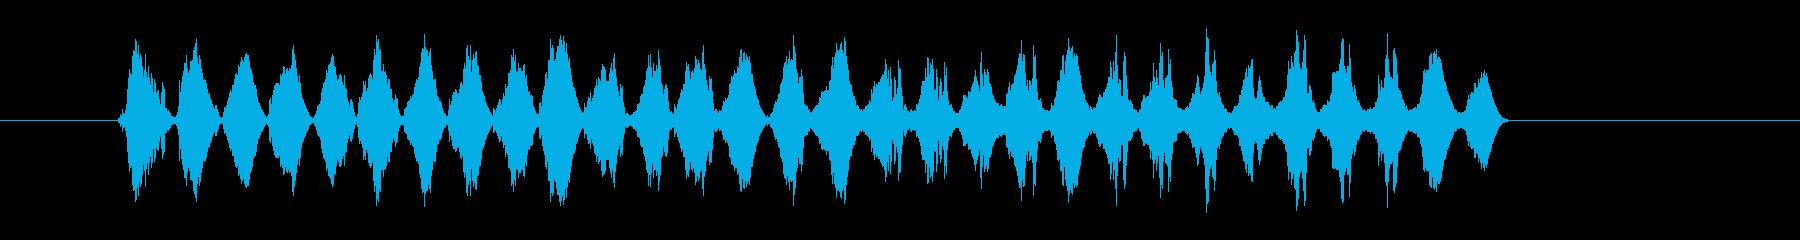 テロップSE グラフ ジリジリの再生済みの波形